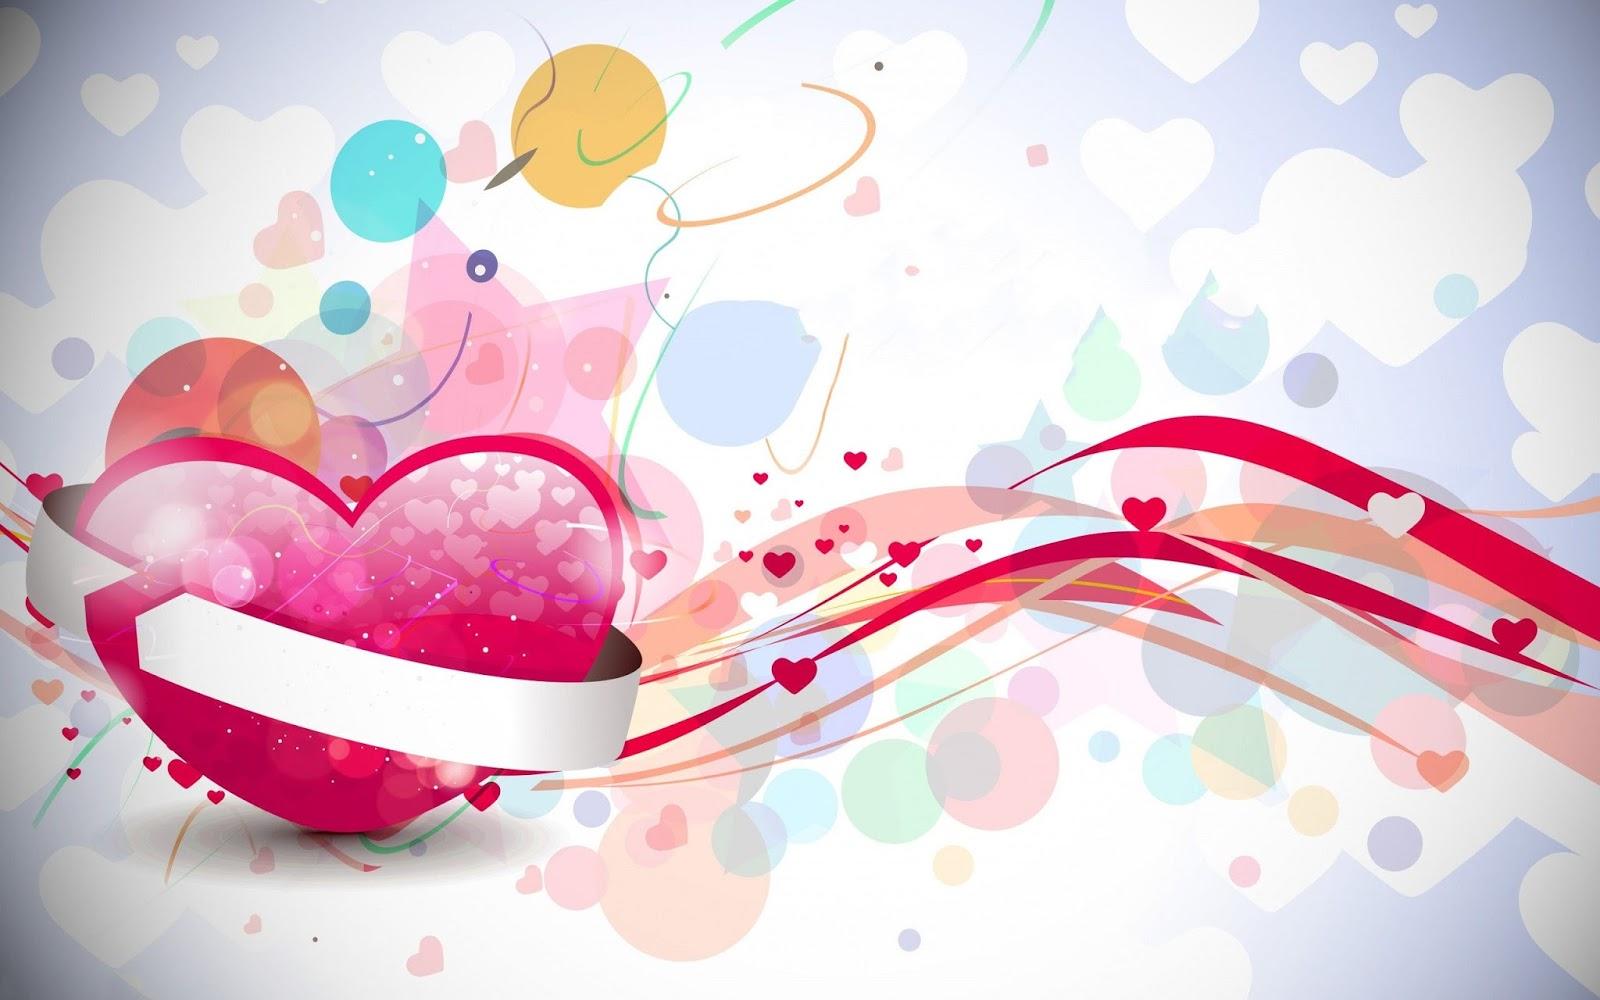 3d Rose Wallpaper Apps Fonds D 233 Cran Coeur Hd Gratuit Fond D 233 Cran Hd